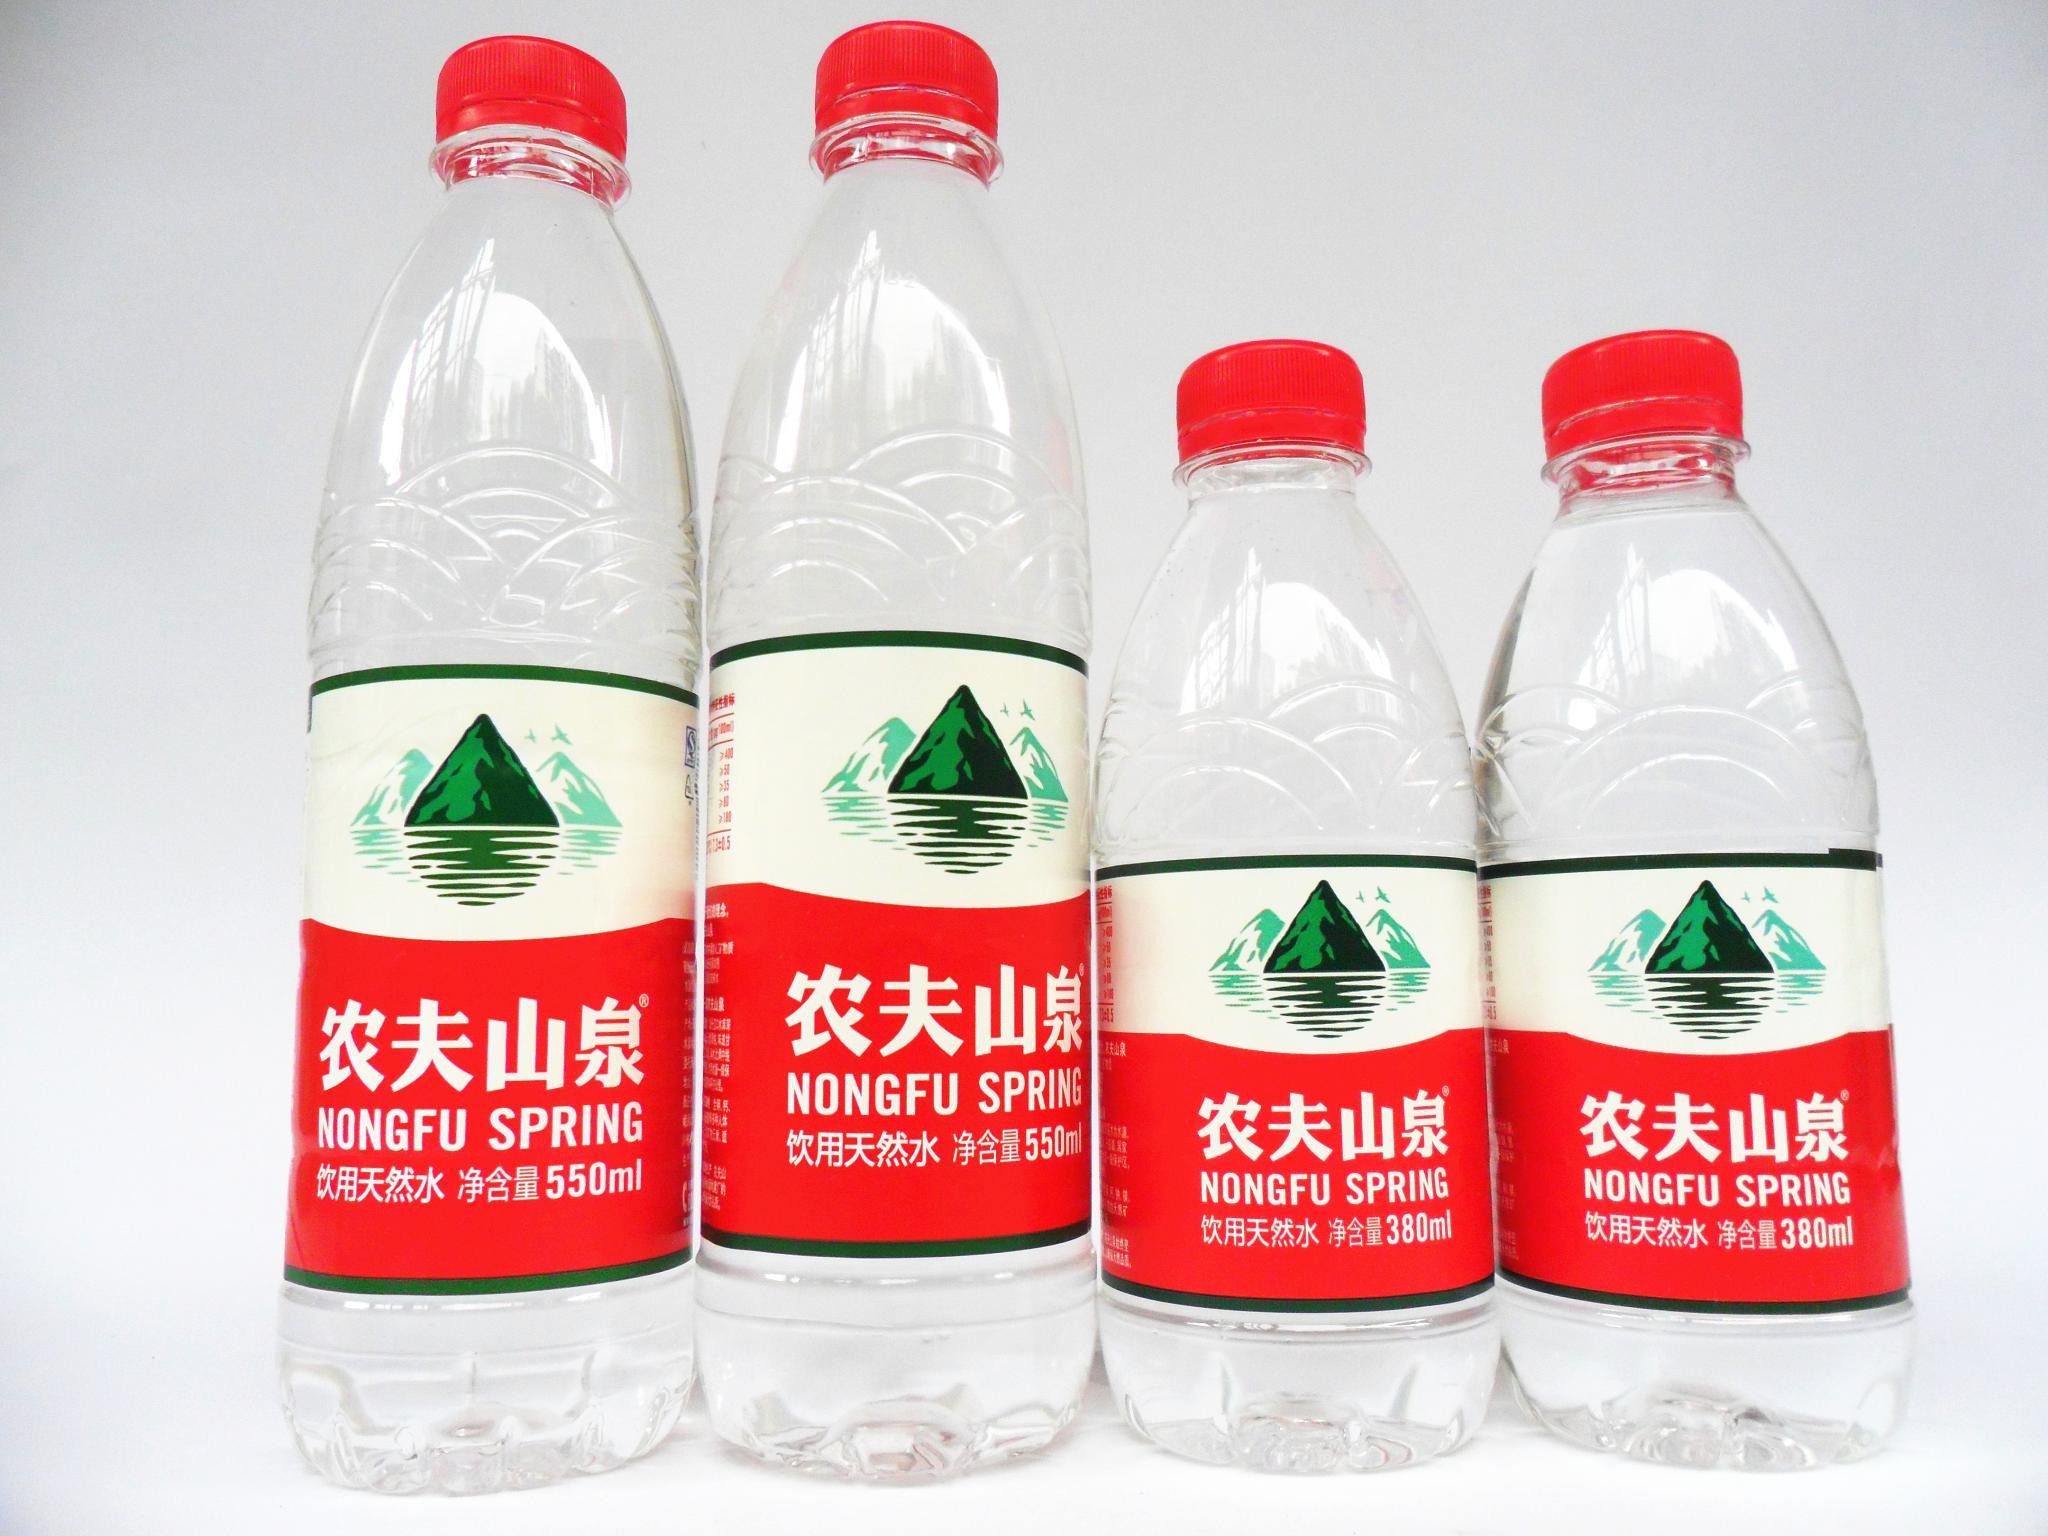 农夫山钱鲁一鲁_乌鲁木齐超市农夫山泉大瓶的矿泉水卖多少钱?比两块钱